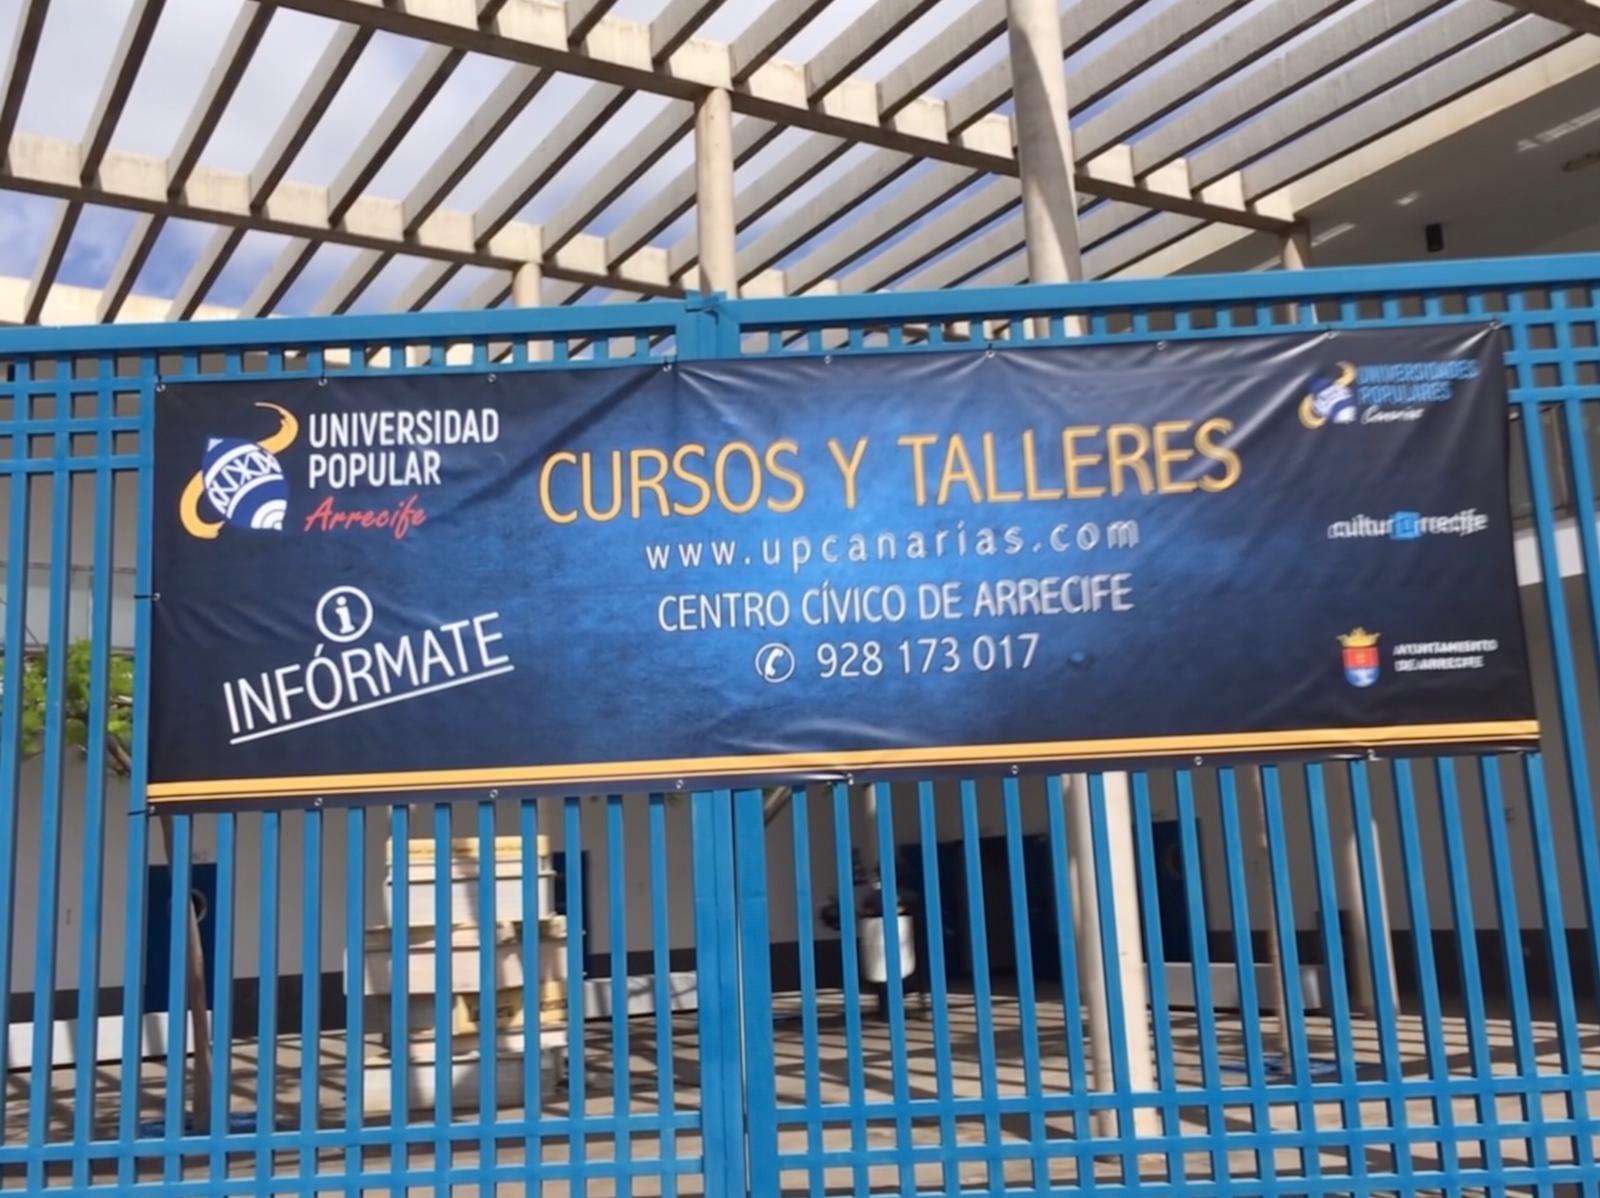 La Universidad Popular de Arrecife oferta dos cursos de verano en el Centro Cívico